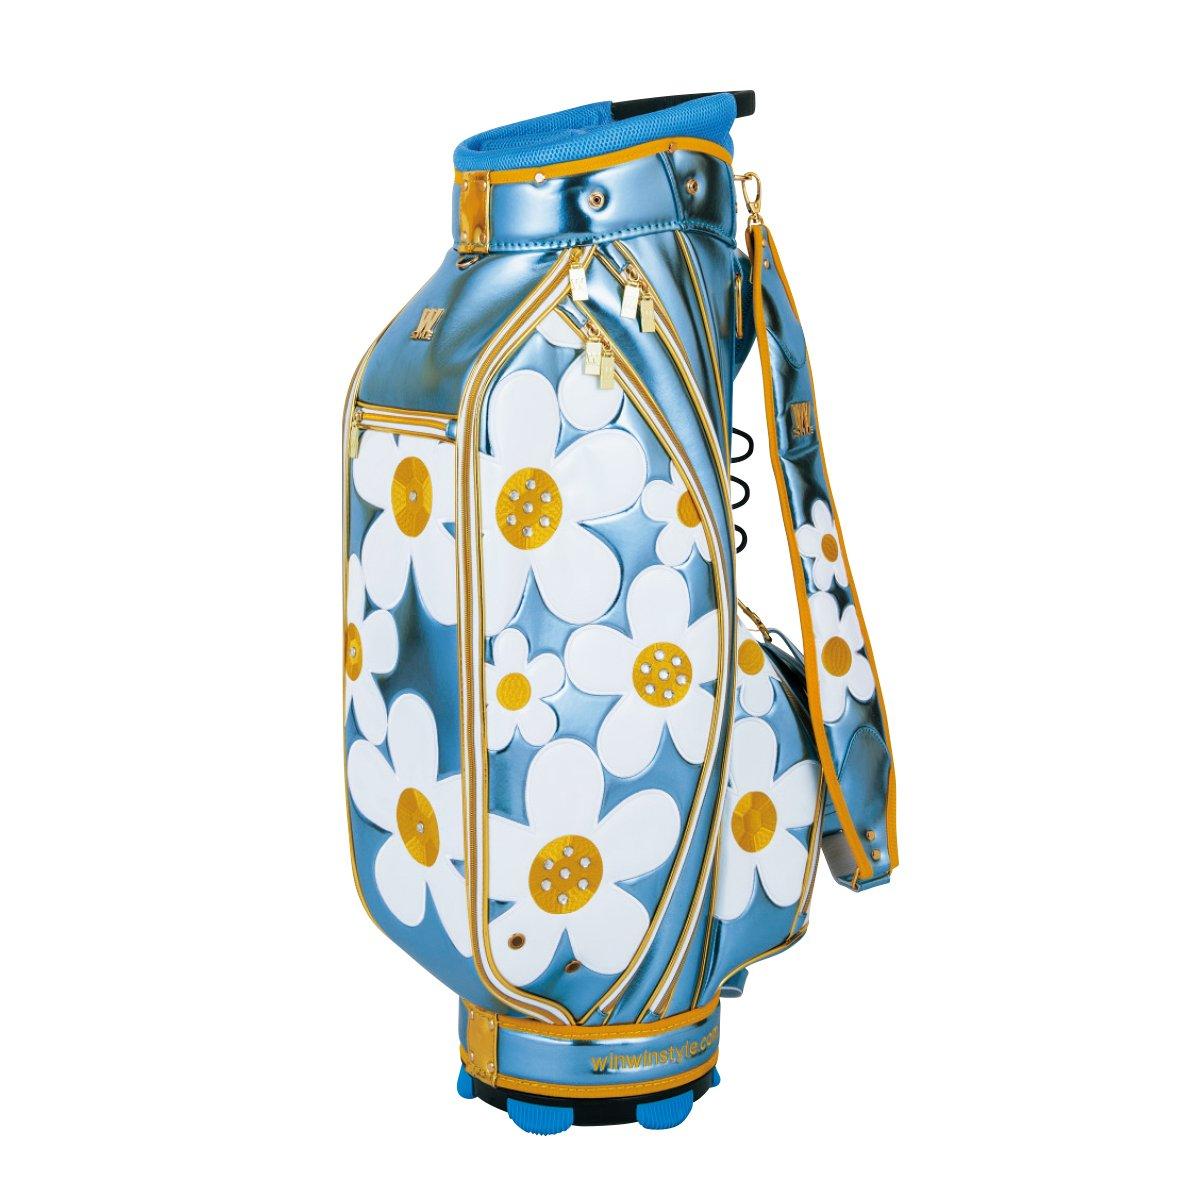 WINWIN STYLE(ウィンウィンスタイル) キャディーバッグ W STYLE DAISY CART Bag Gold Ver. 9.0型 47インチ対応 レディース CB-489 スカイブルー デザイン:エナメルアップリケ刺繍×ラインストーン B07B4KHS8Q